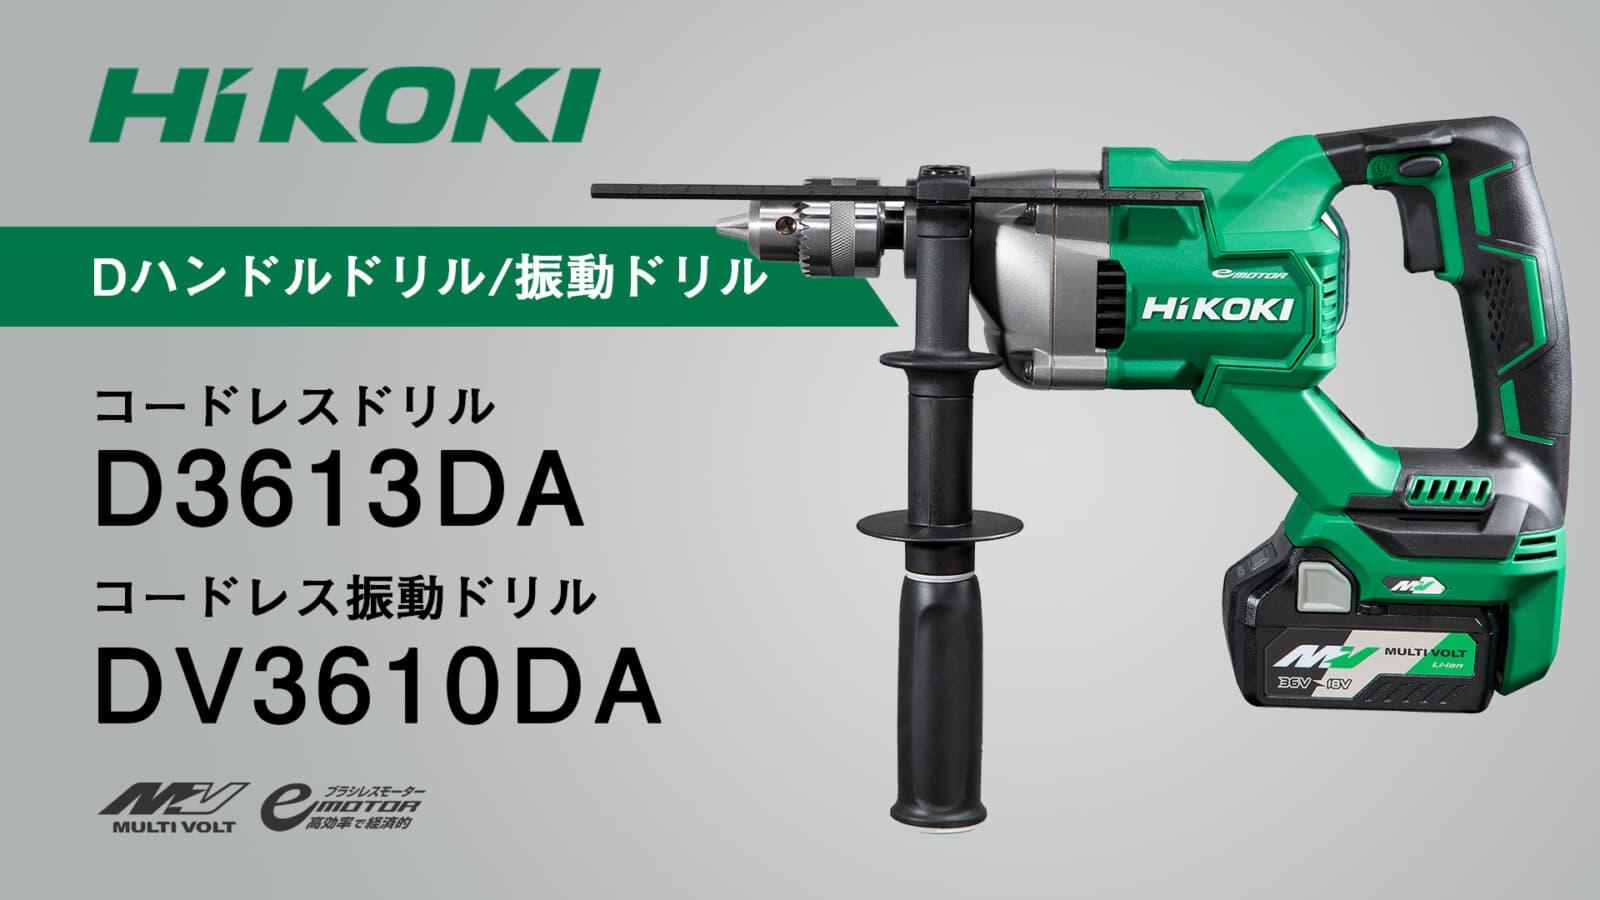 HiKOKI D3613DA/DV3620DAを発売、D型ハンドルのコードレスドリル2機種